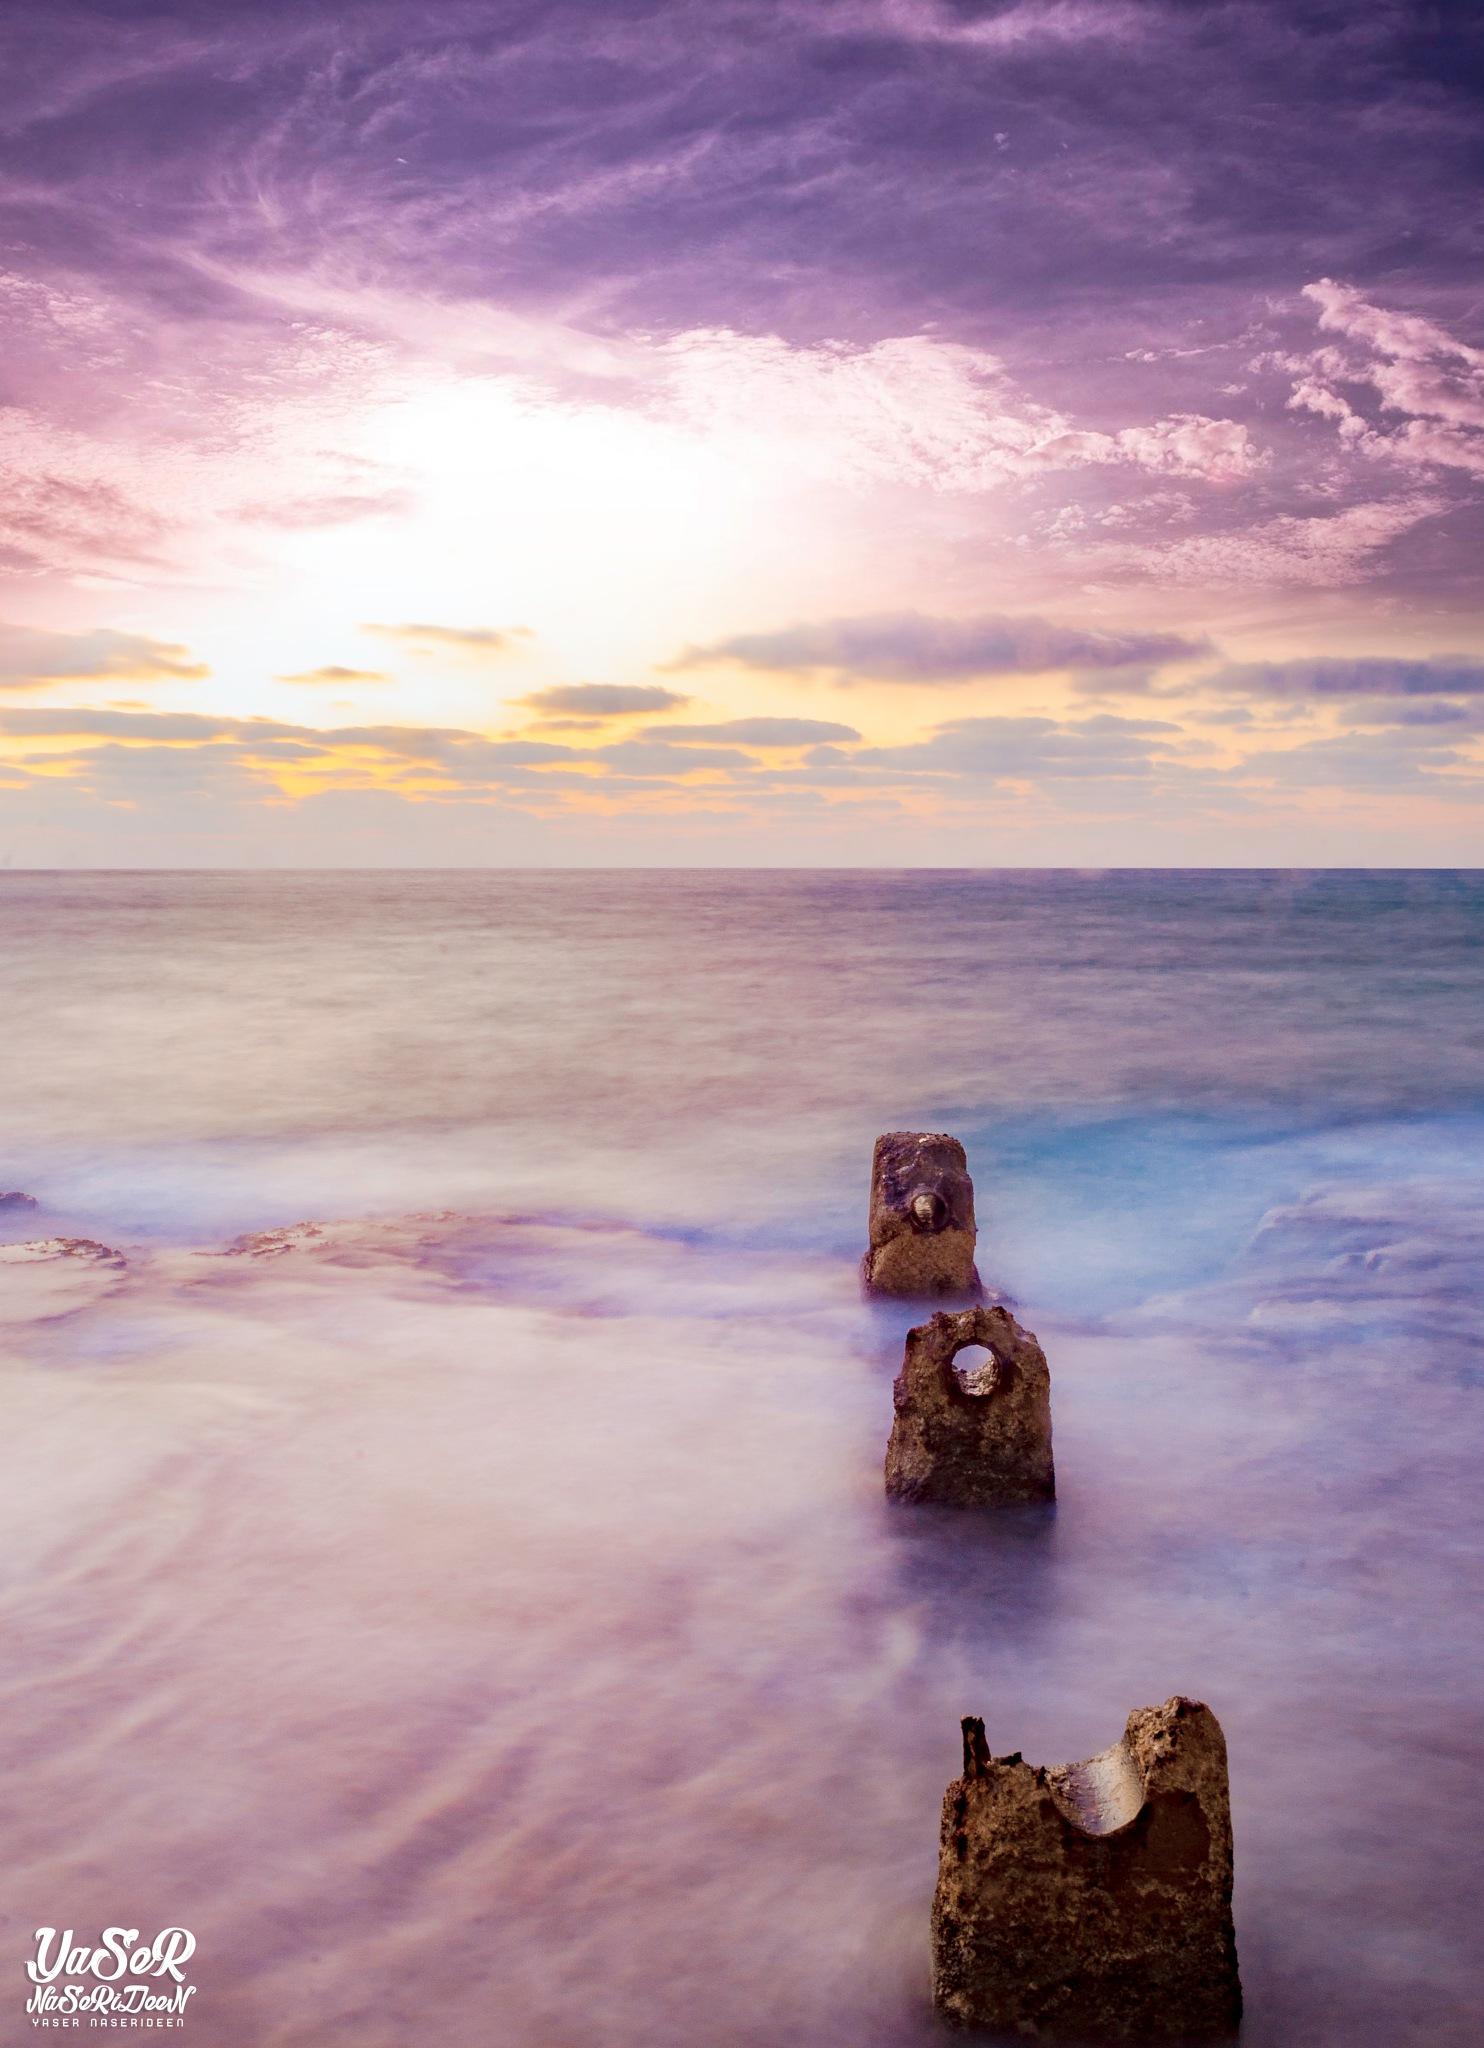 Jaffa Sea by Yaser Naserideen